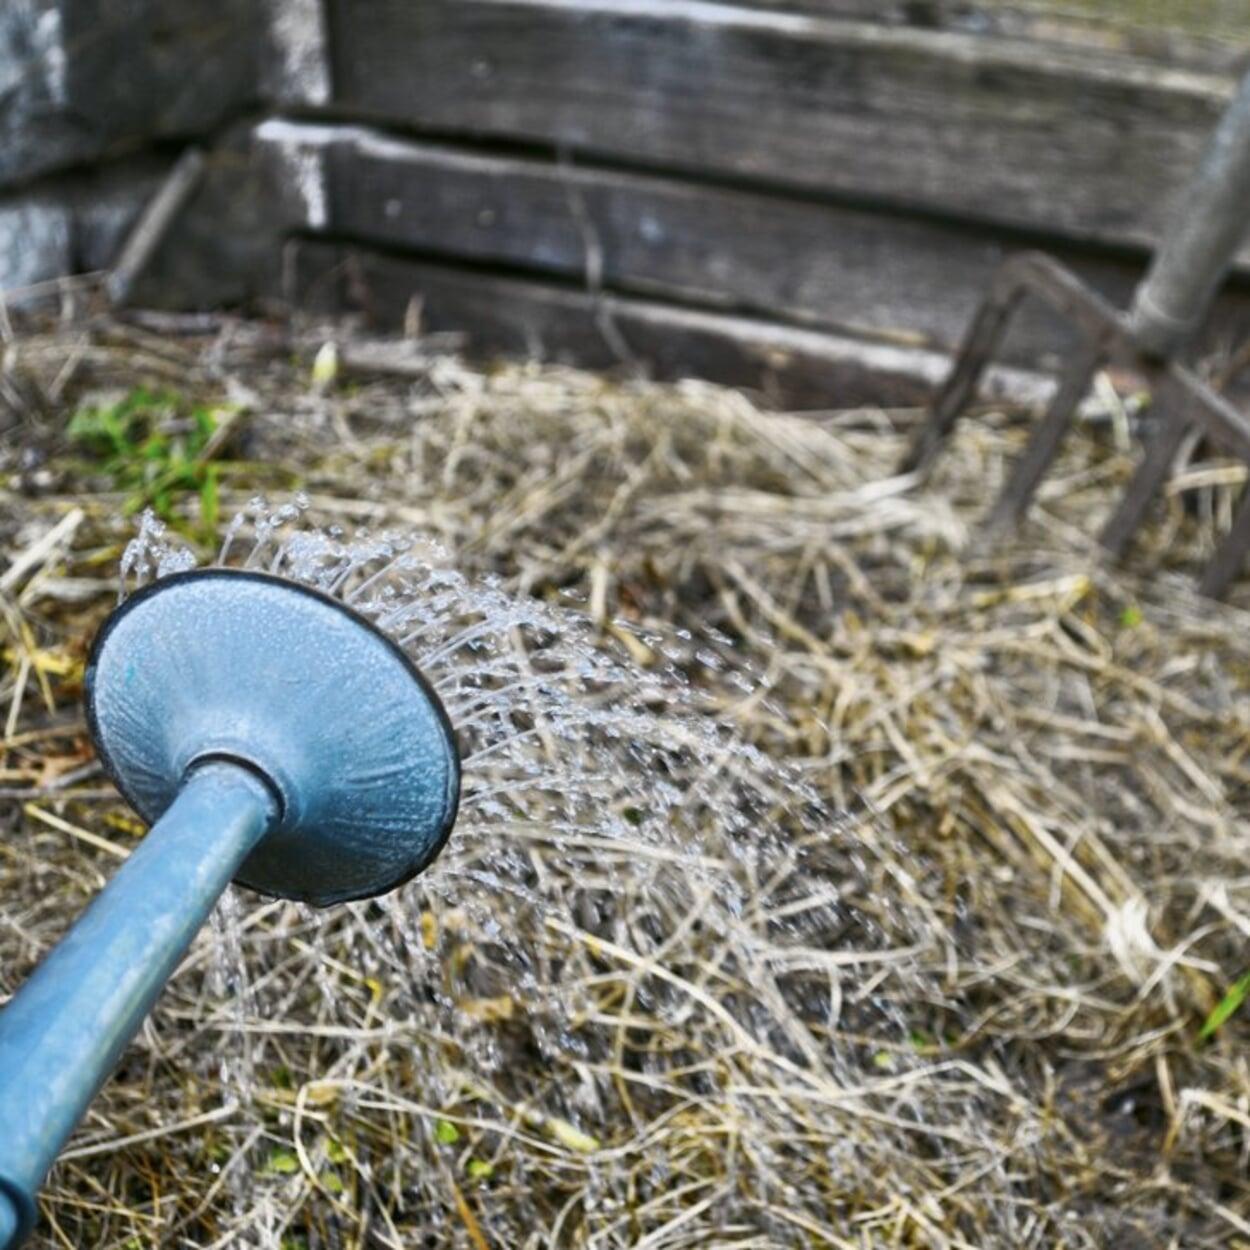 Zu trockenen Kompost mit einer Gießkanne befeuchten